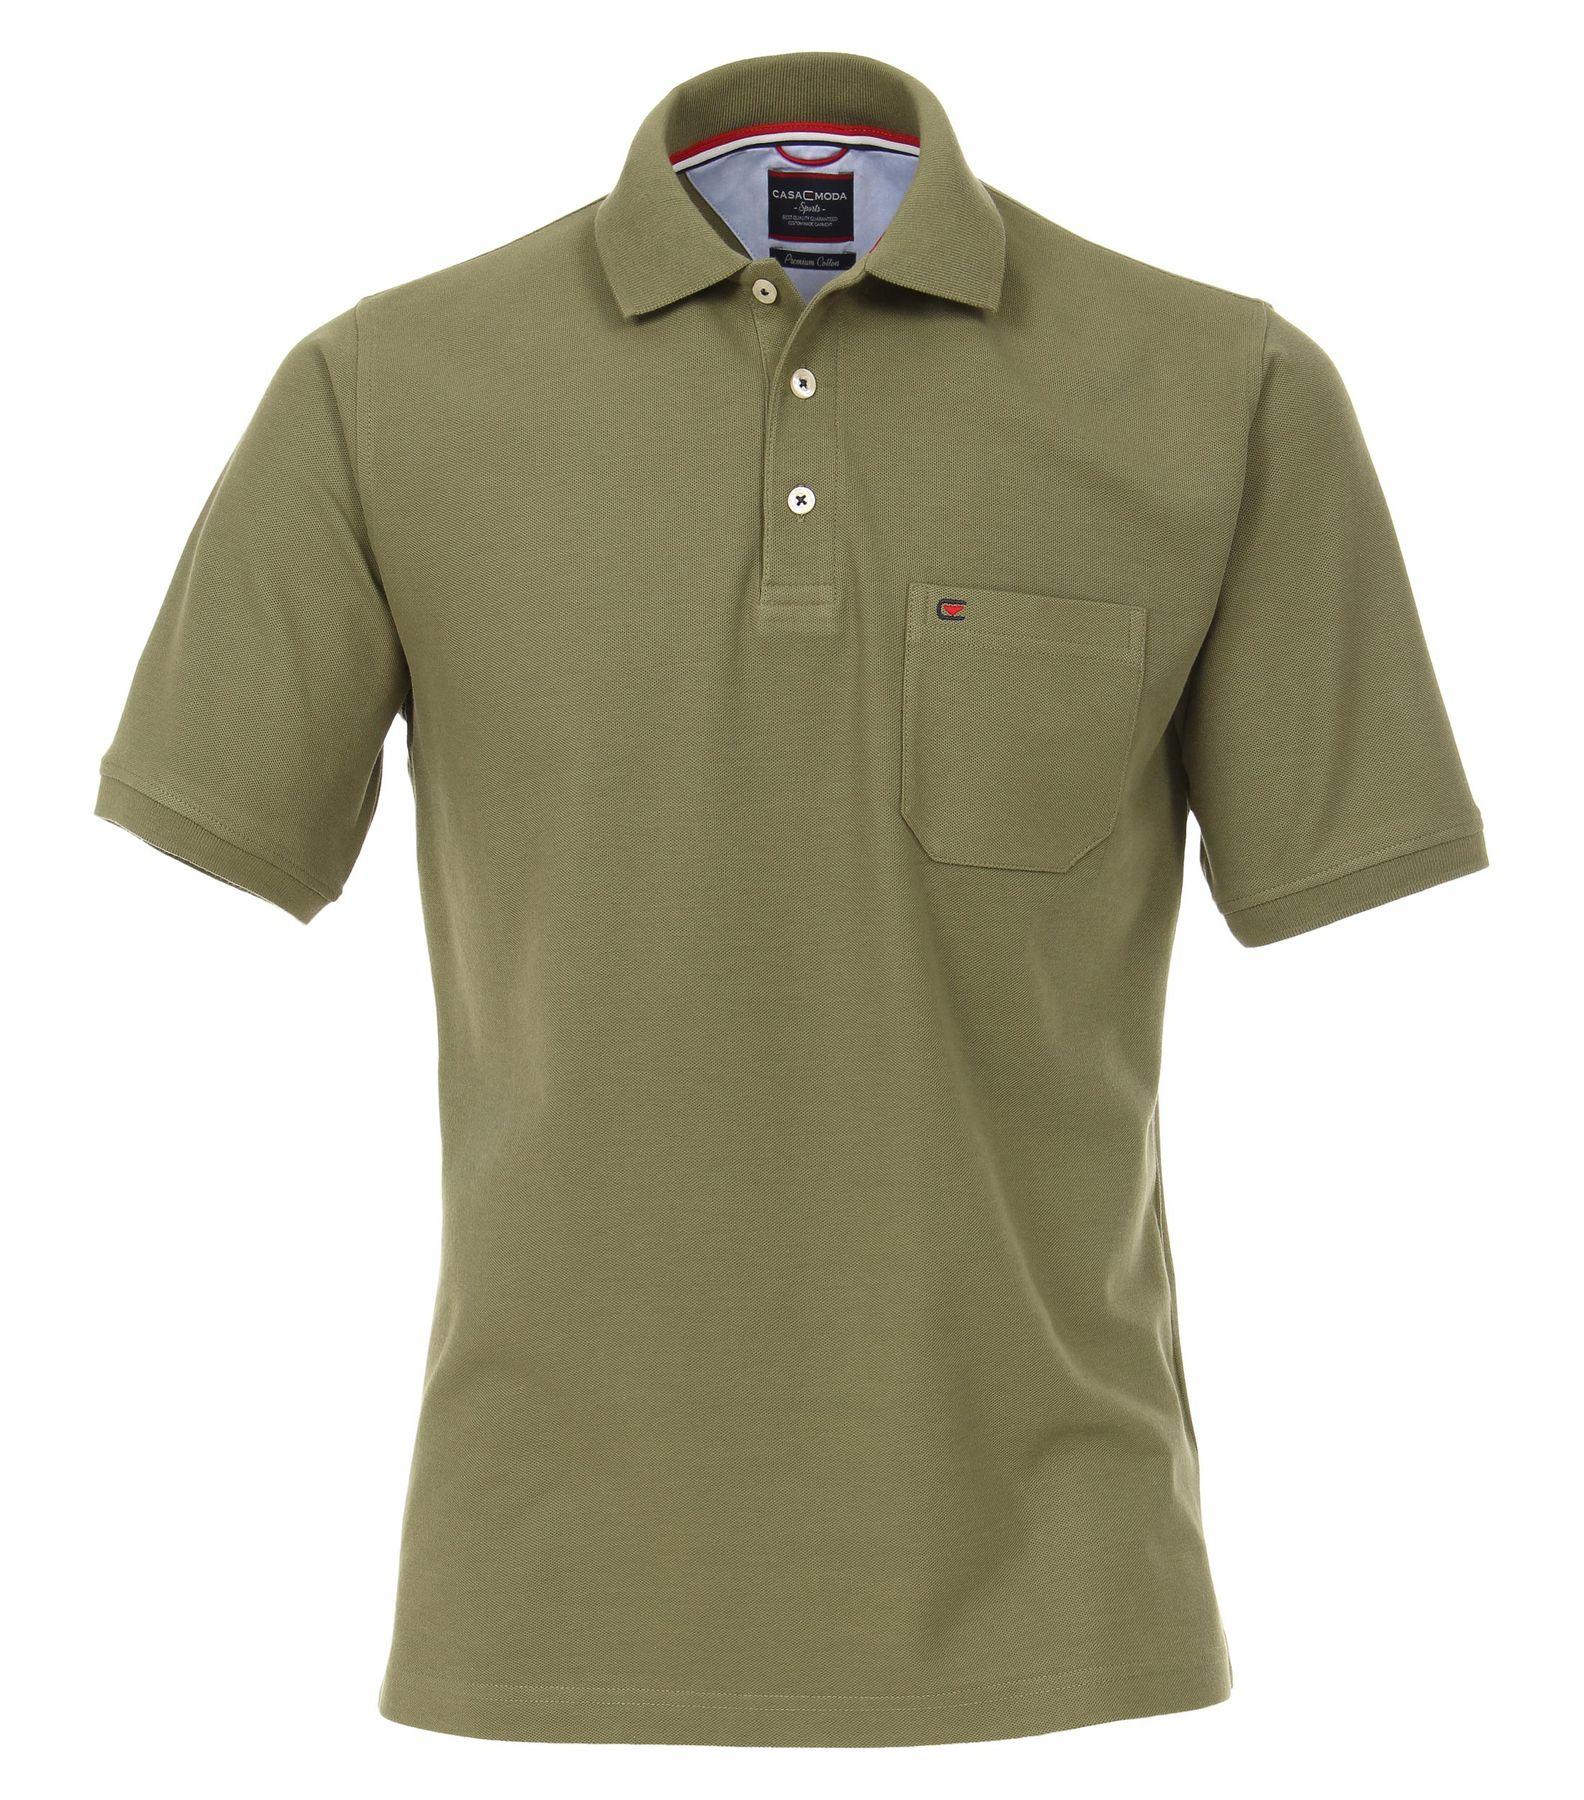 Casa Moda - Herren Polo Shirt mit Brusttasche in verschiedenen Farben S-6XL (004270) – Bild 25